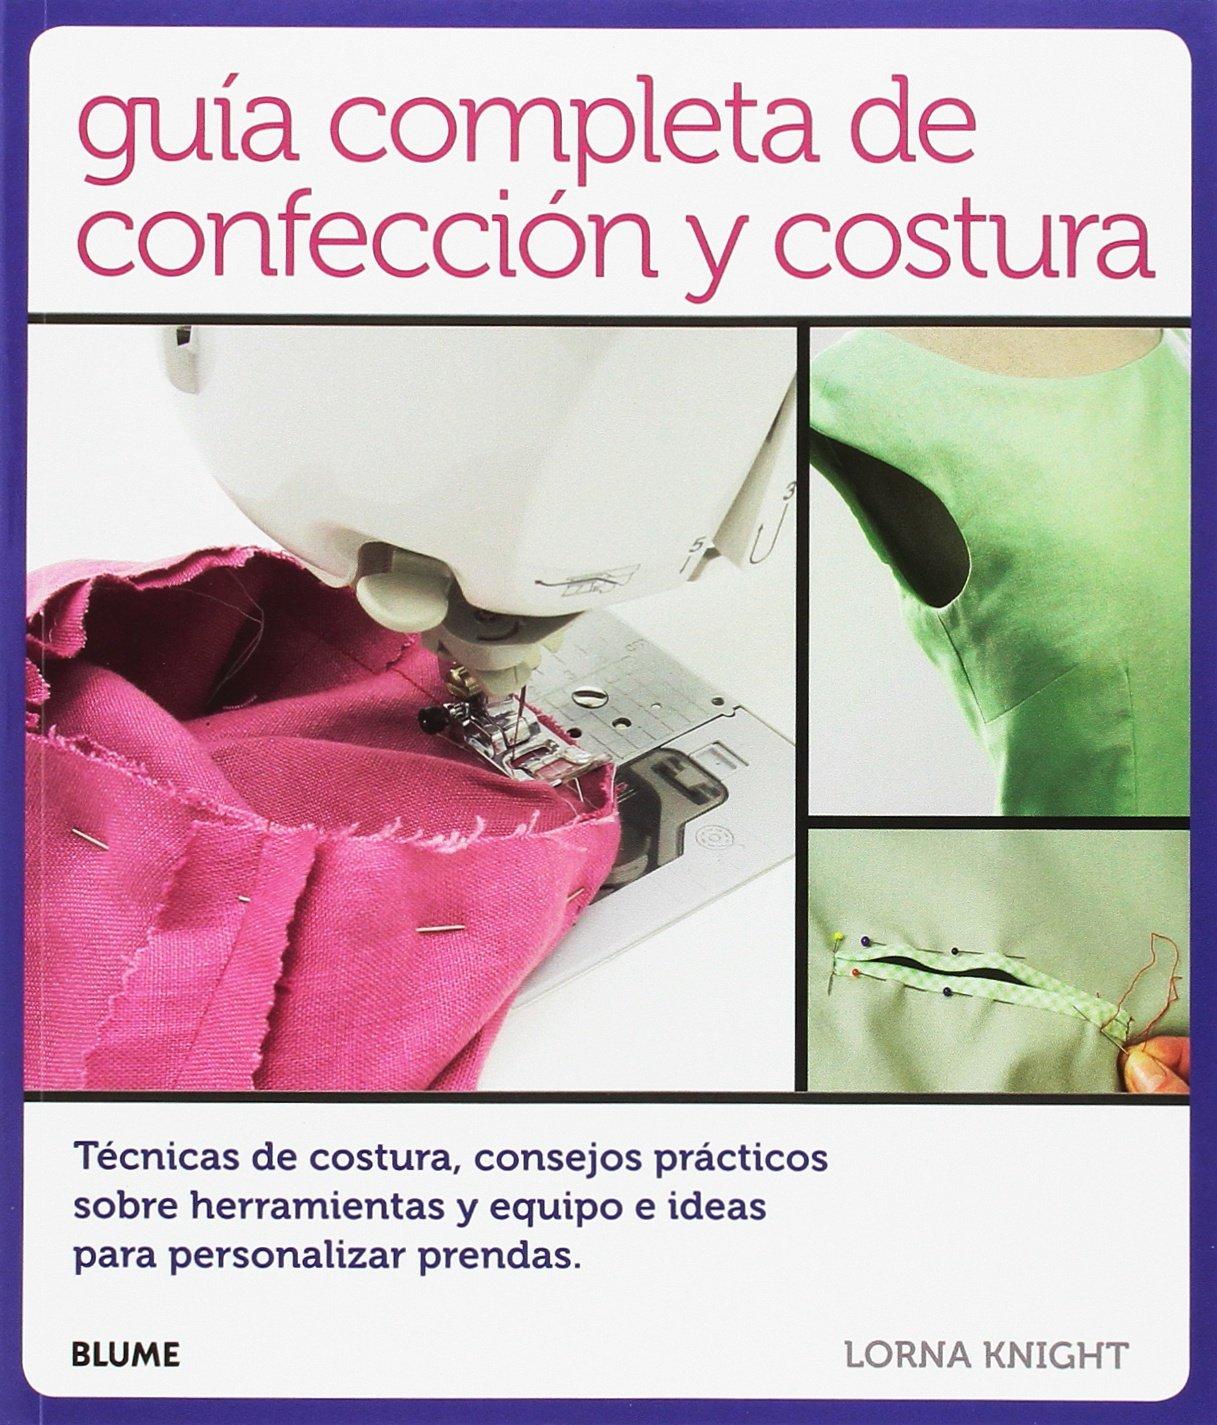 Guía completa de confección y costura: Amazon.es: Lorna Knight: Libros